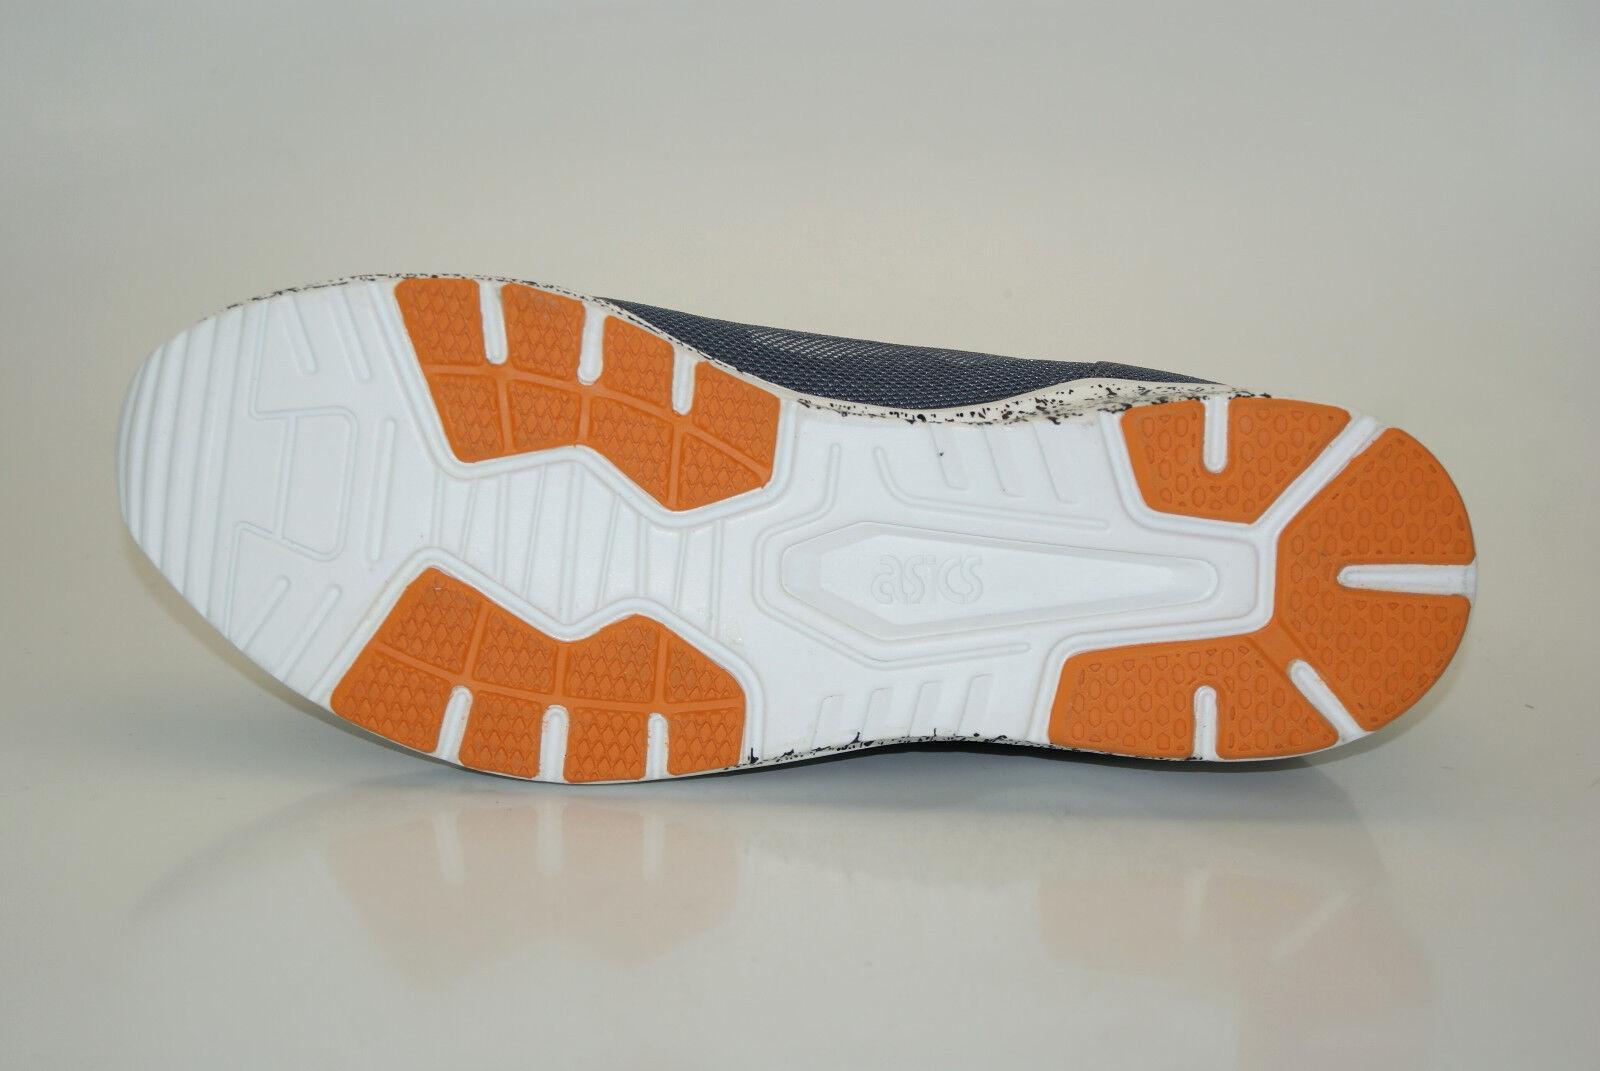 Asics Gel-Lyte Gel-Lyte Gel-Lyte Evo Baskets Sport Chaussures De Sport Chaussures De Course Homme h5l0n-1101 | Exquis  | En Qualité Supérieure  1b9a5e